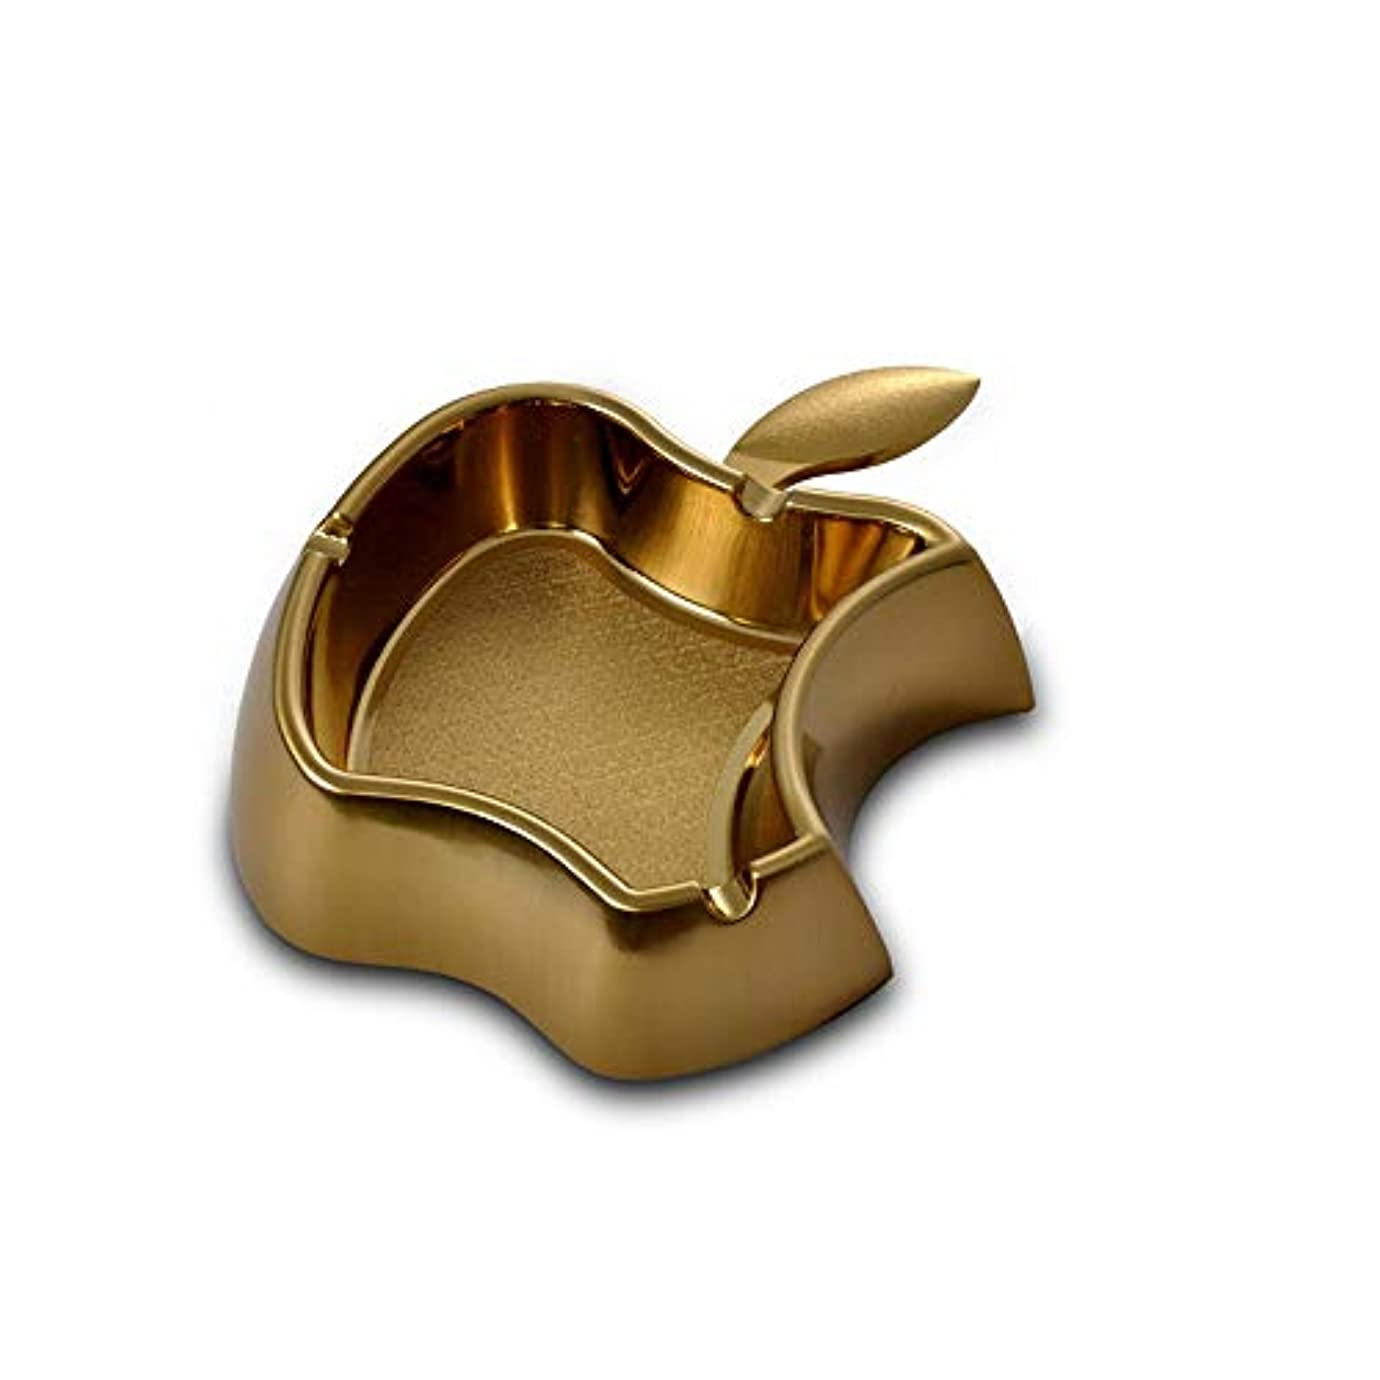 肝レイアウト関係ないクリエイティブアップルメタル灰皿シンプルな灰皿耐火ドロップ灰皿 (色 : ゴールド)